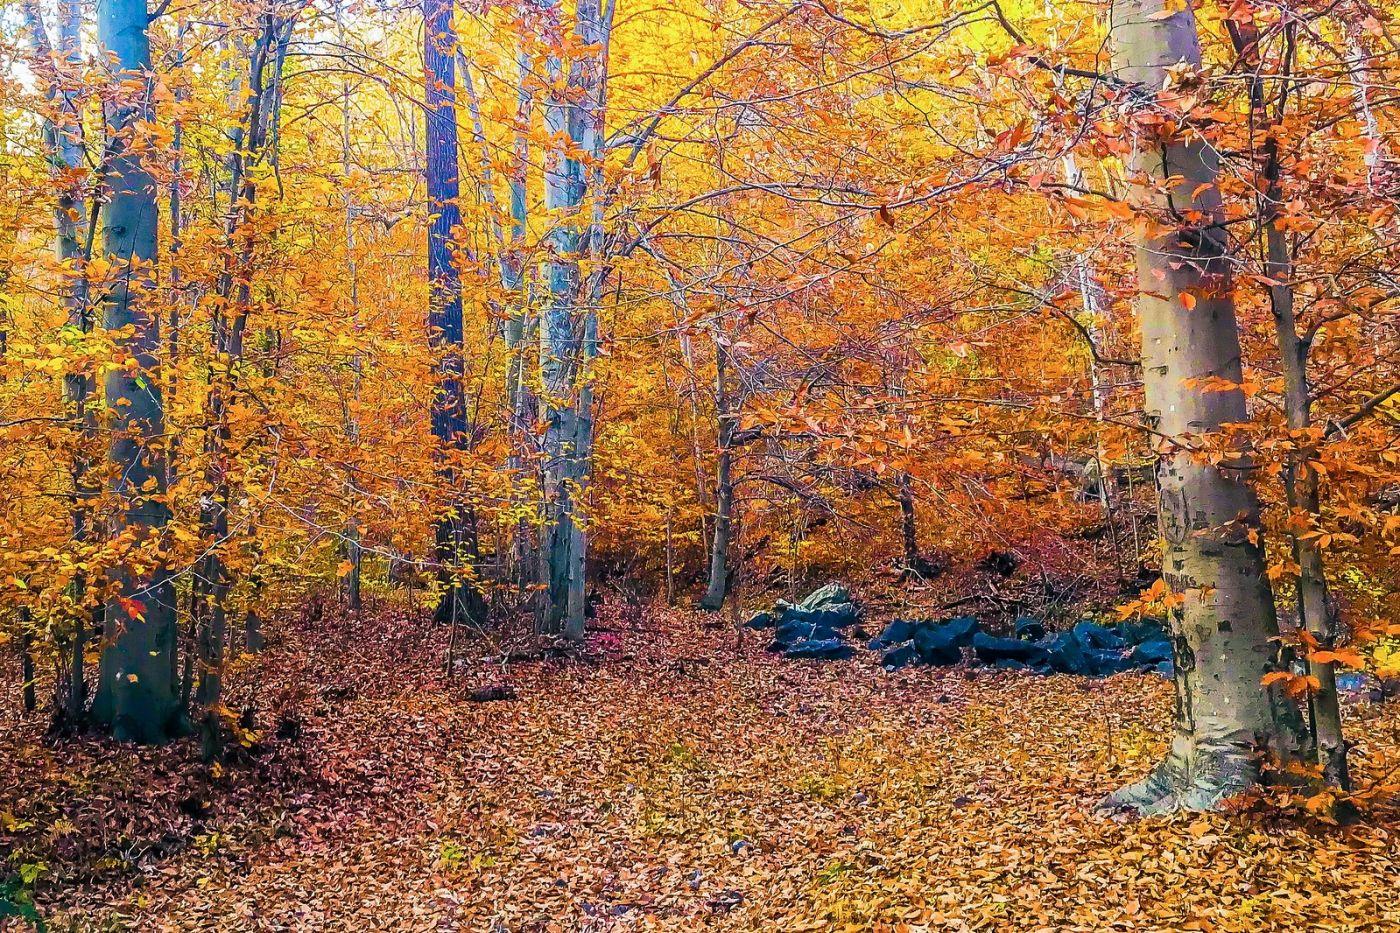 宾州雷德利克里克公园(Ridley creek park),糊涂的爱_图1-31